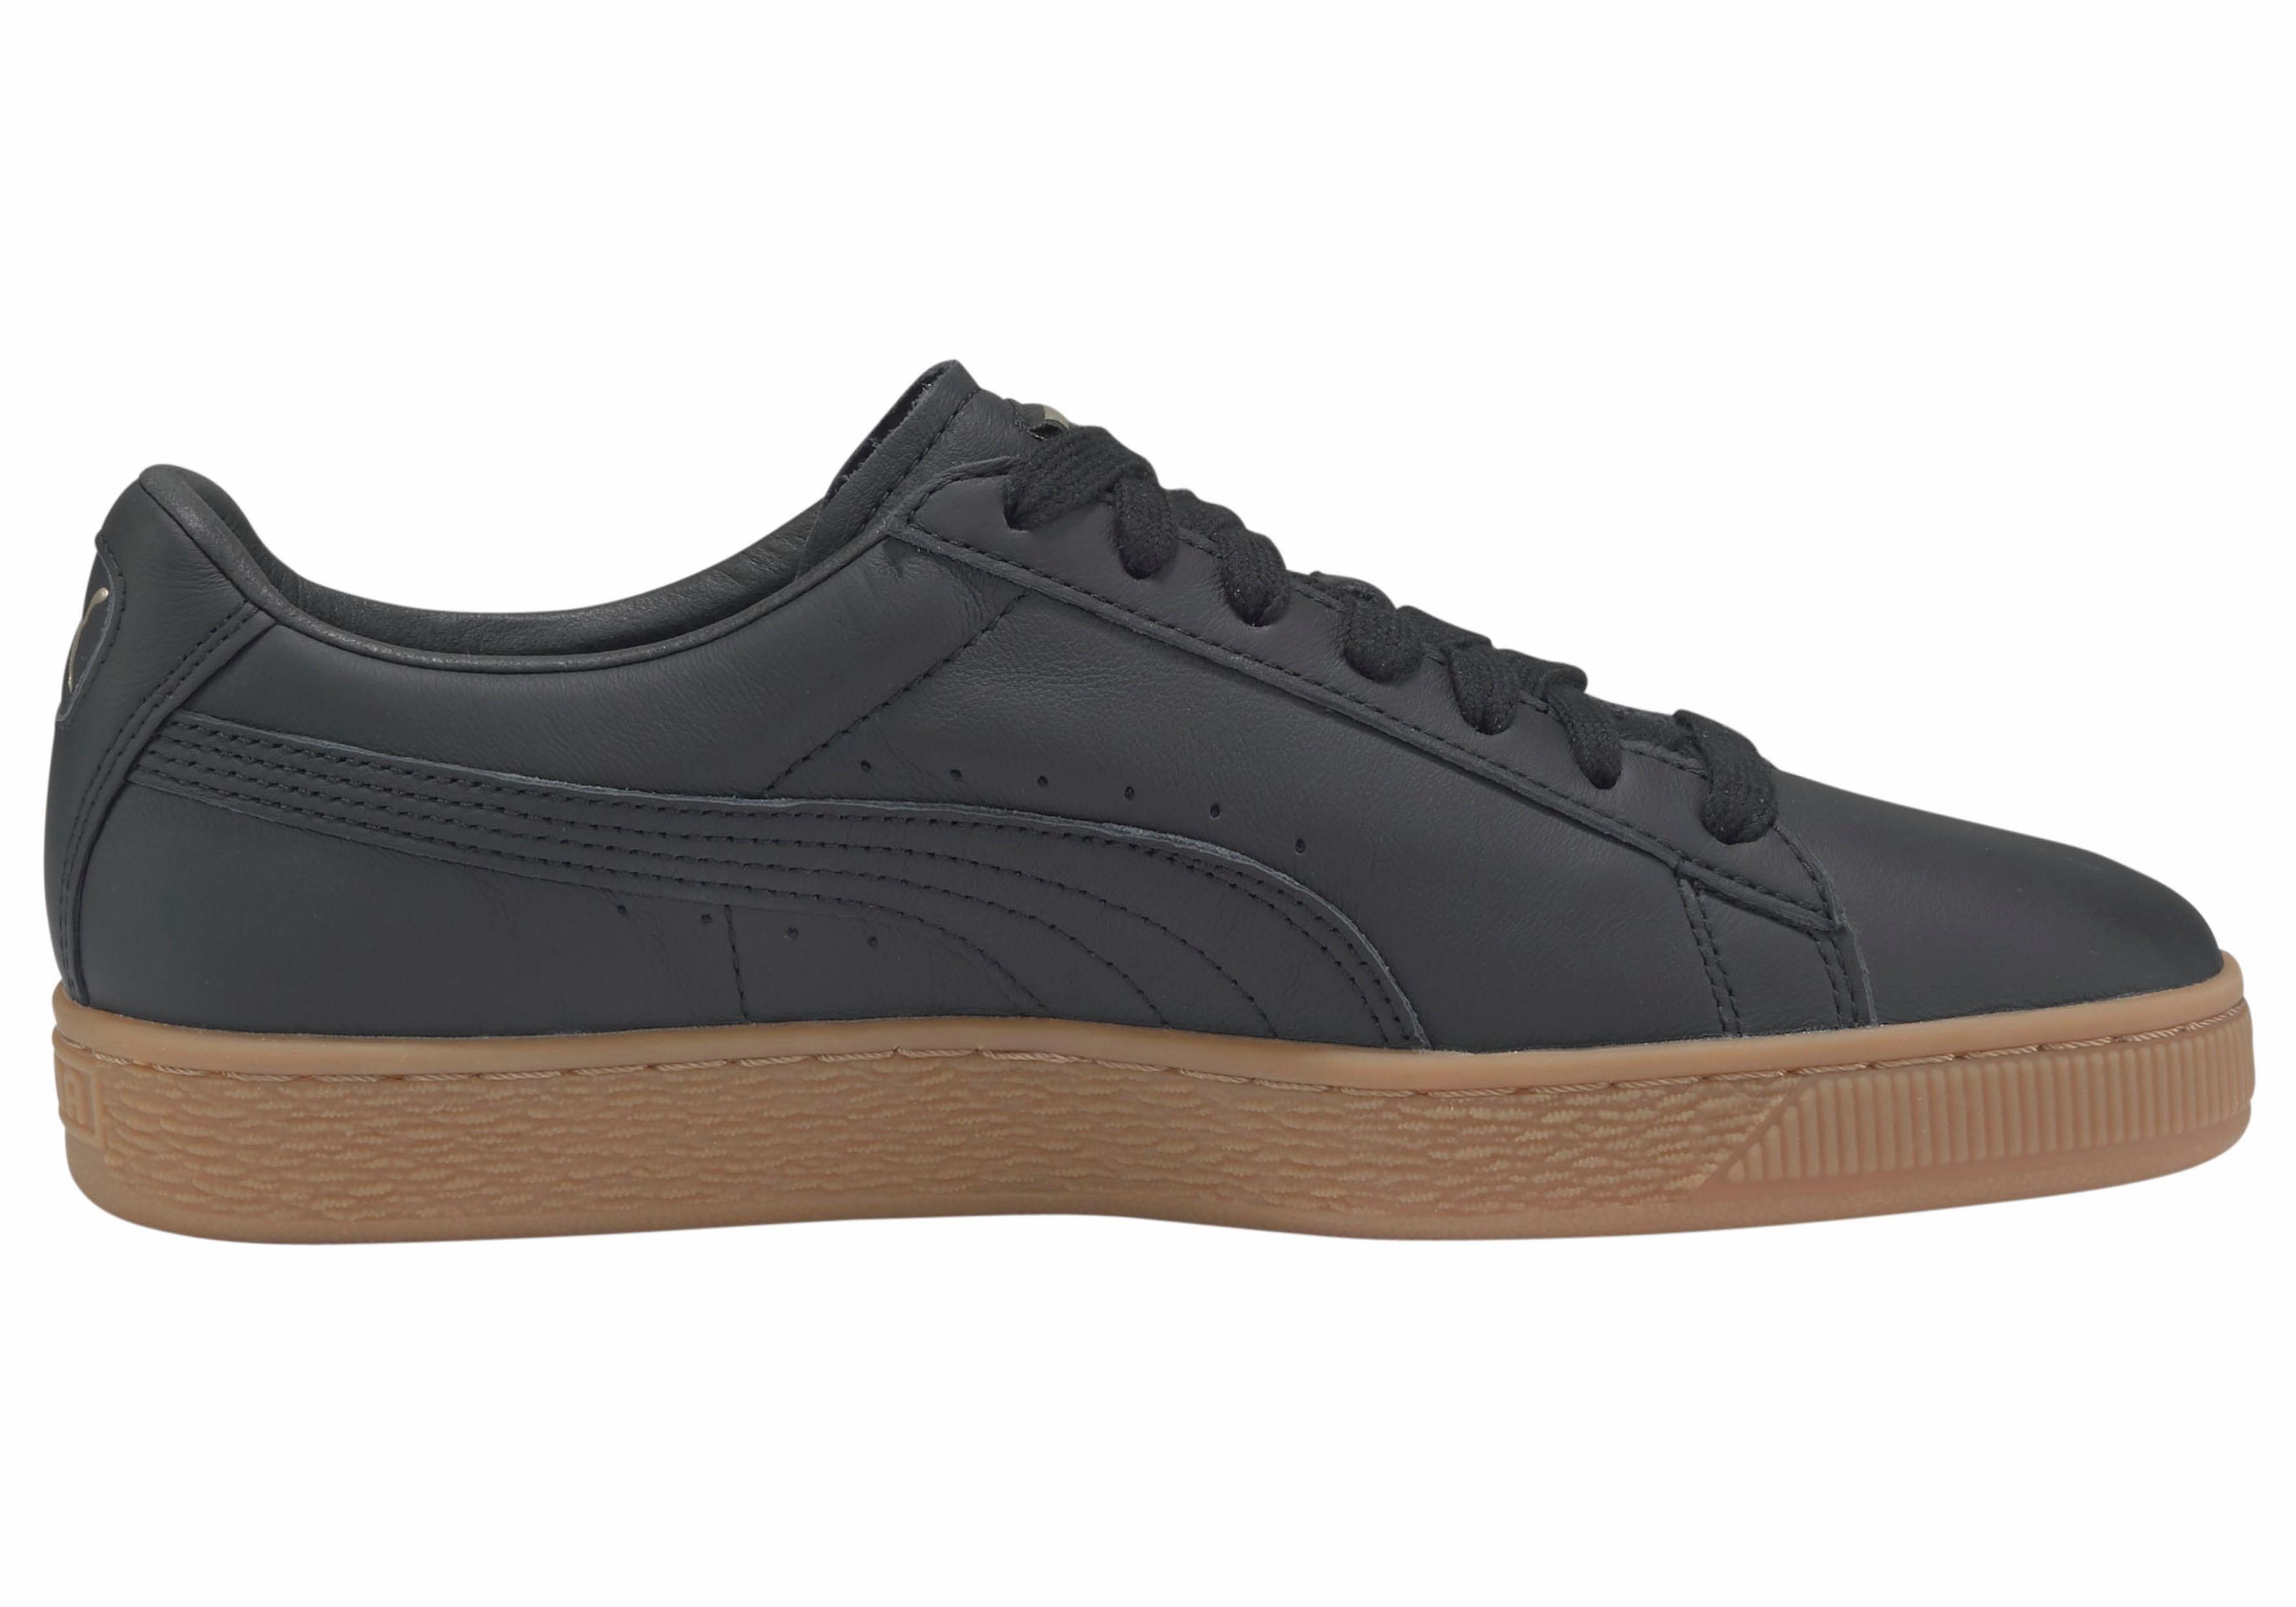 Puma Kopen Online Sneakersbasket Gum Classic Nu Delux rCexodWQBE